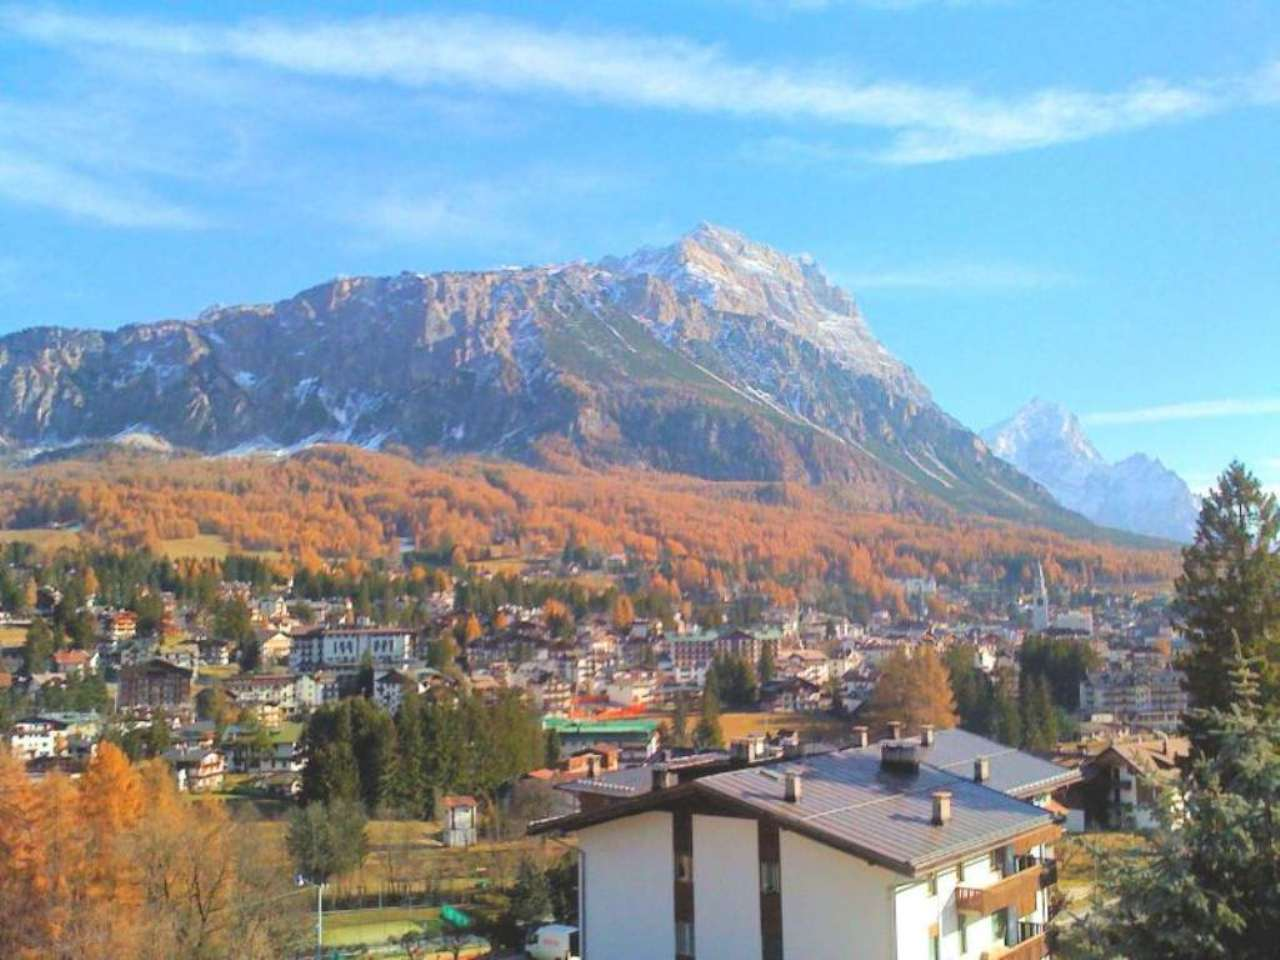 Attico / Mansarda in vendita a Cortina d'Ampezzo, 4 locali, prezzo € 1.850.000 | Cambio Casa.it